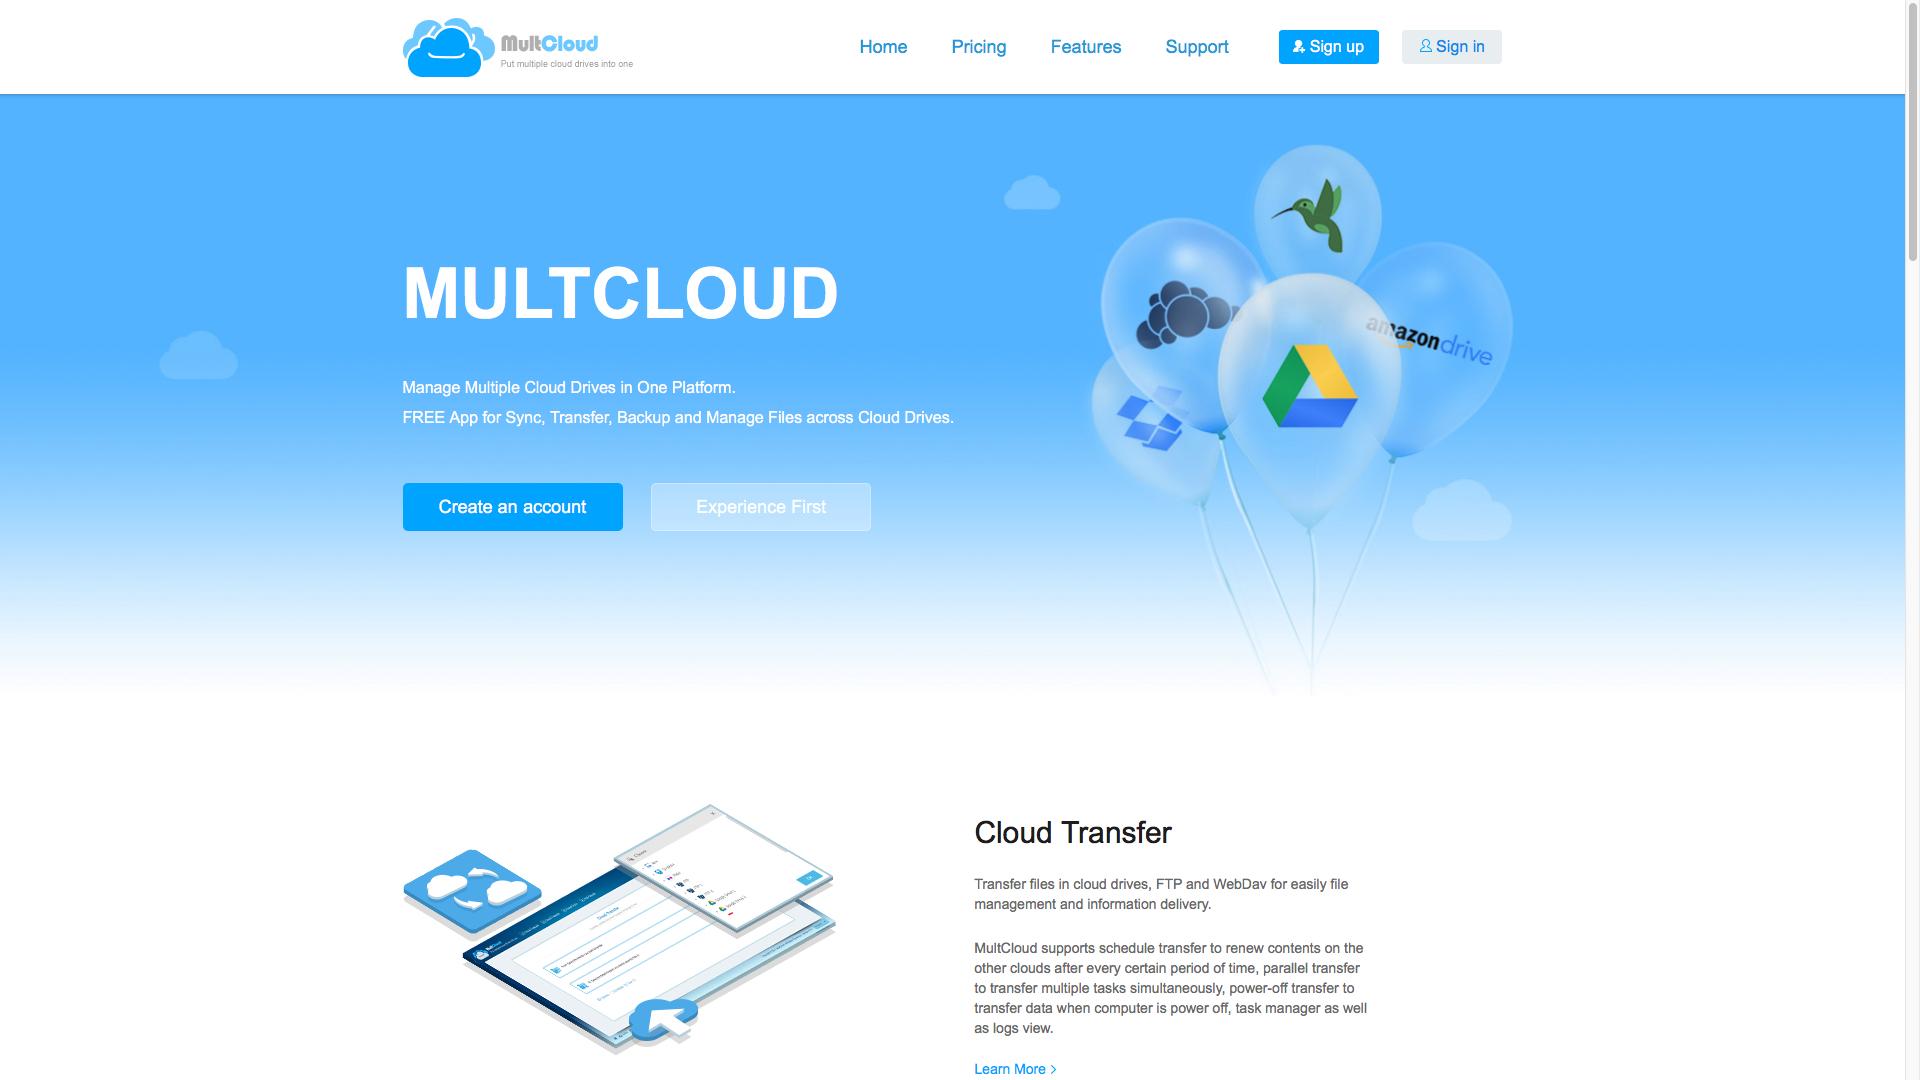 Best cloud storage management services of 2018 TCJzFmYTH2kKD9tNtyyv